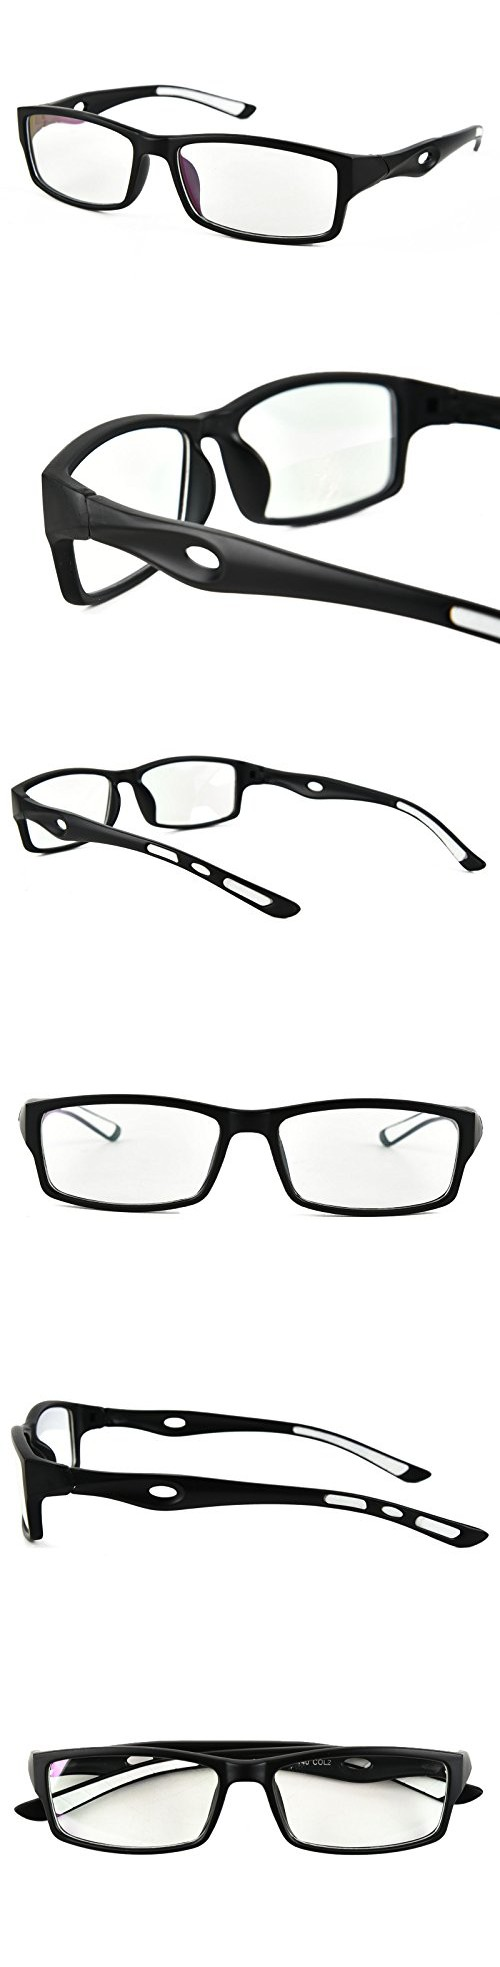 Beison Sports Optical Eyeglasses Frame Plain Glasses Clear Lens ...